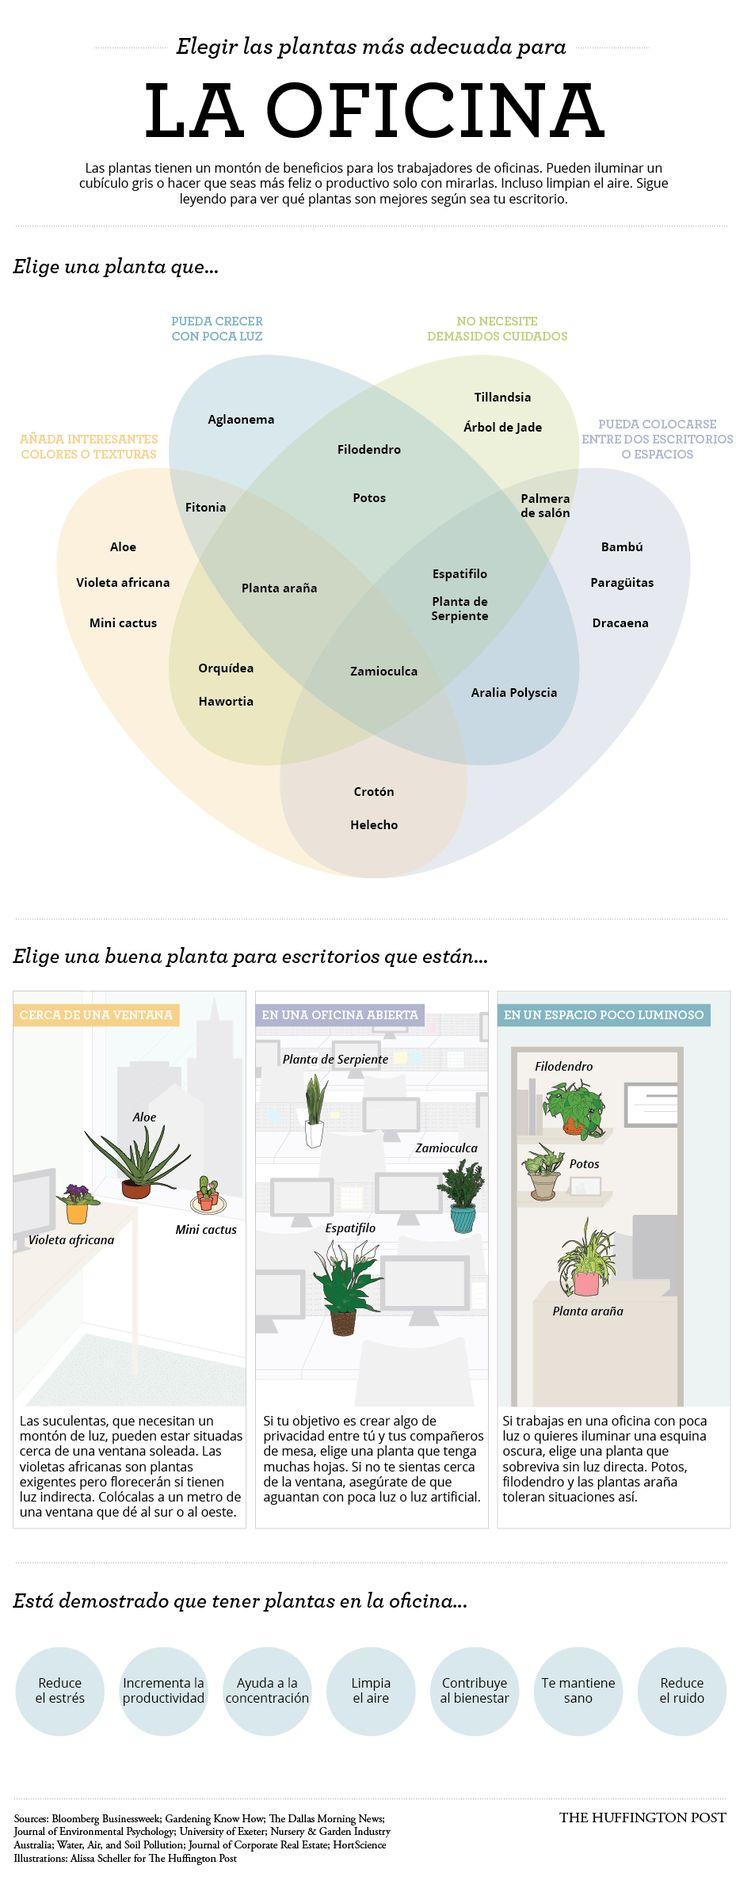 Decorar tu escritorio con plantas mejora tu productividad (INFOGRAFÍA)